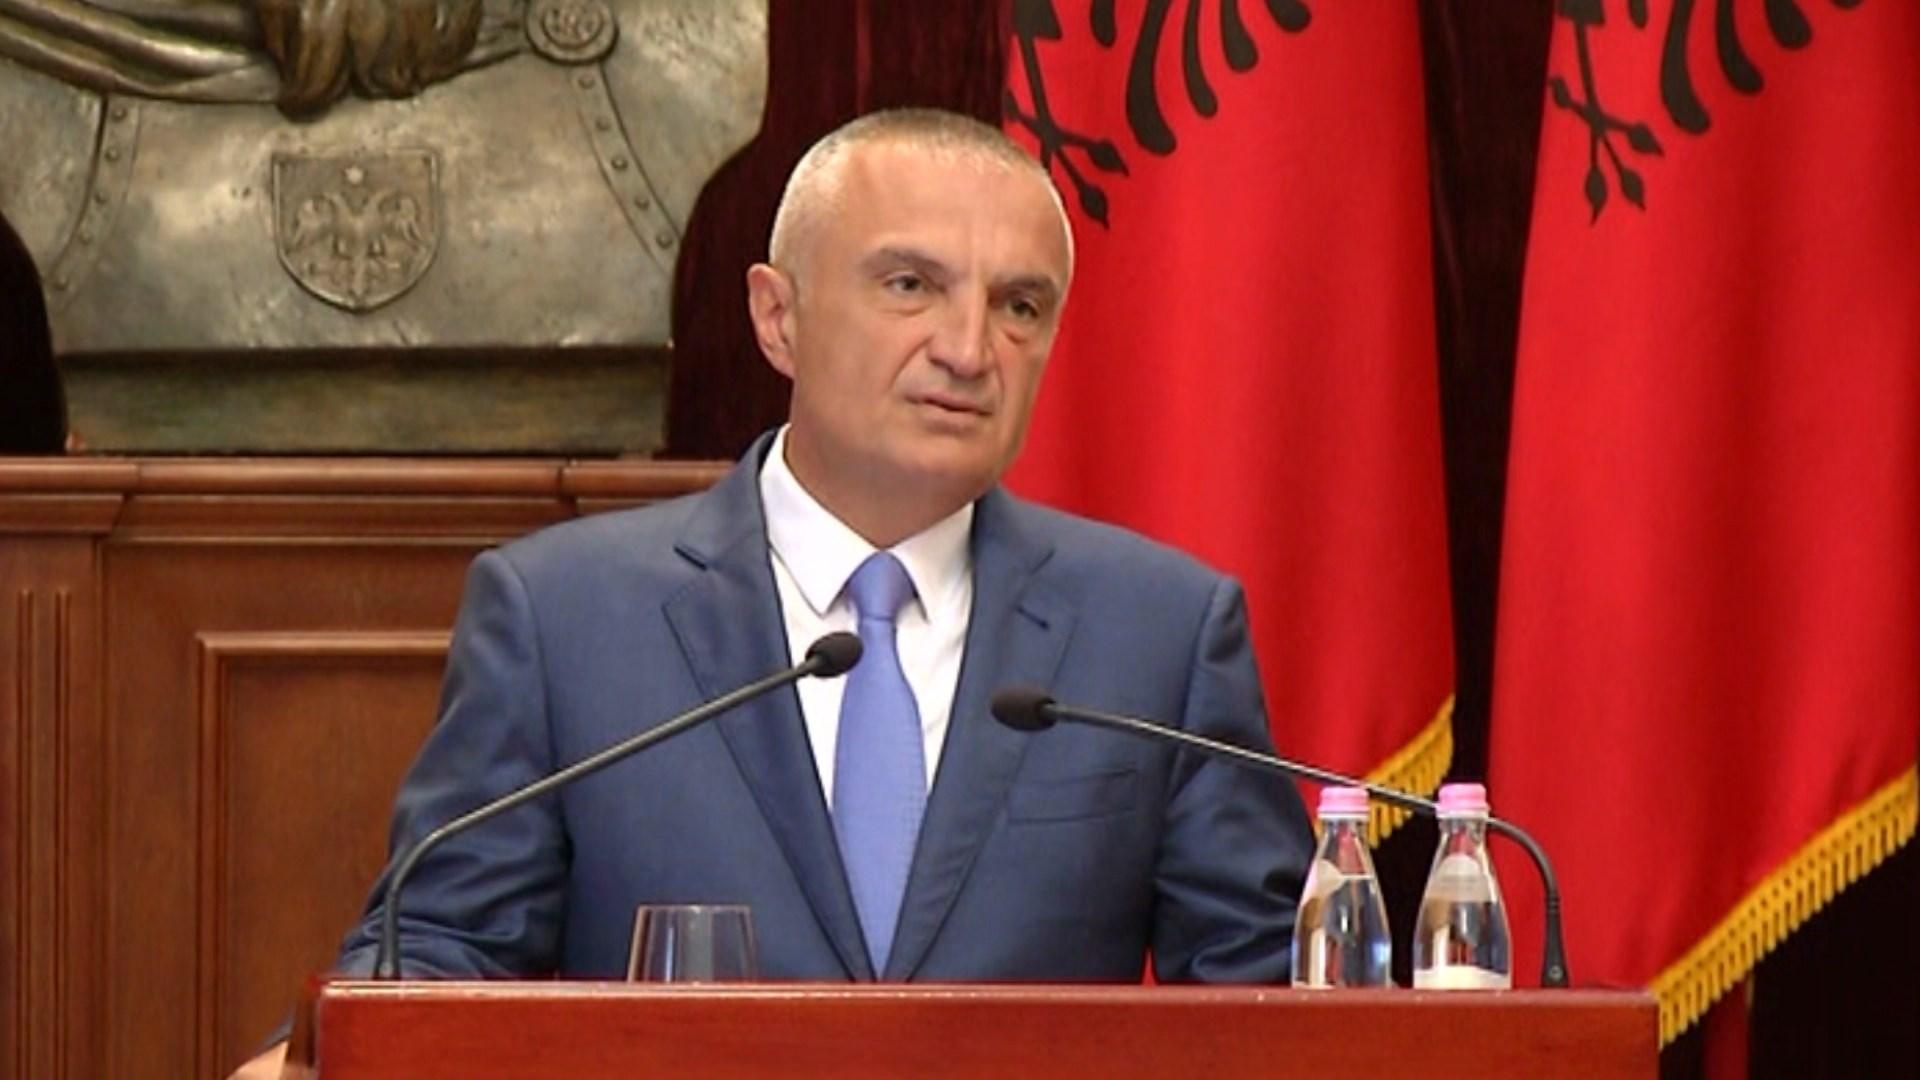 Meta: Fitoret e thella që gëzojnë liderët, pasoja për shqiptarët